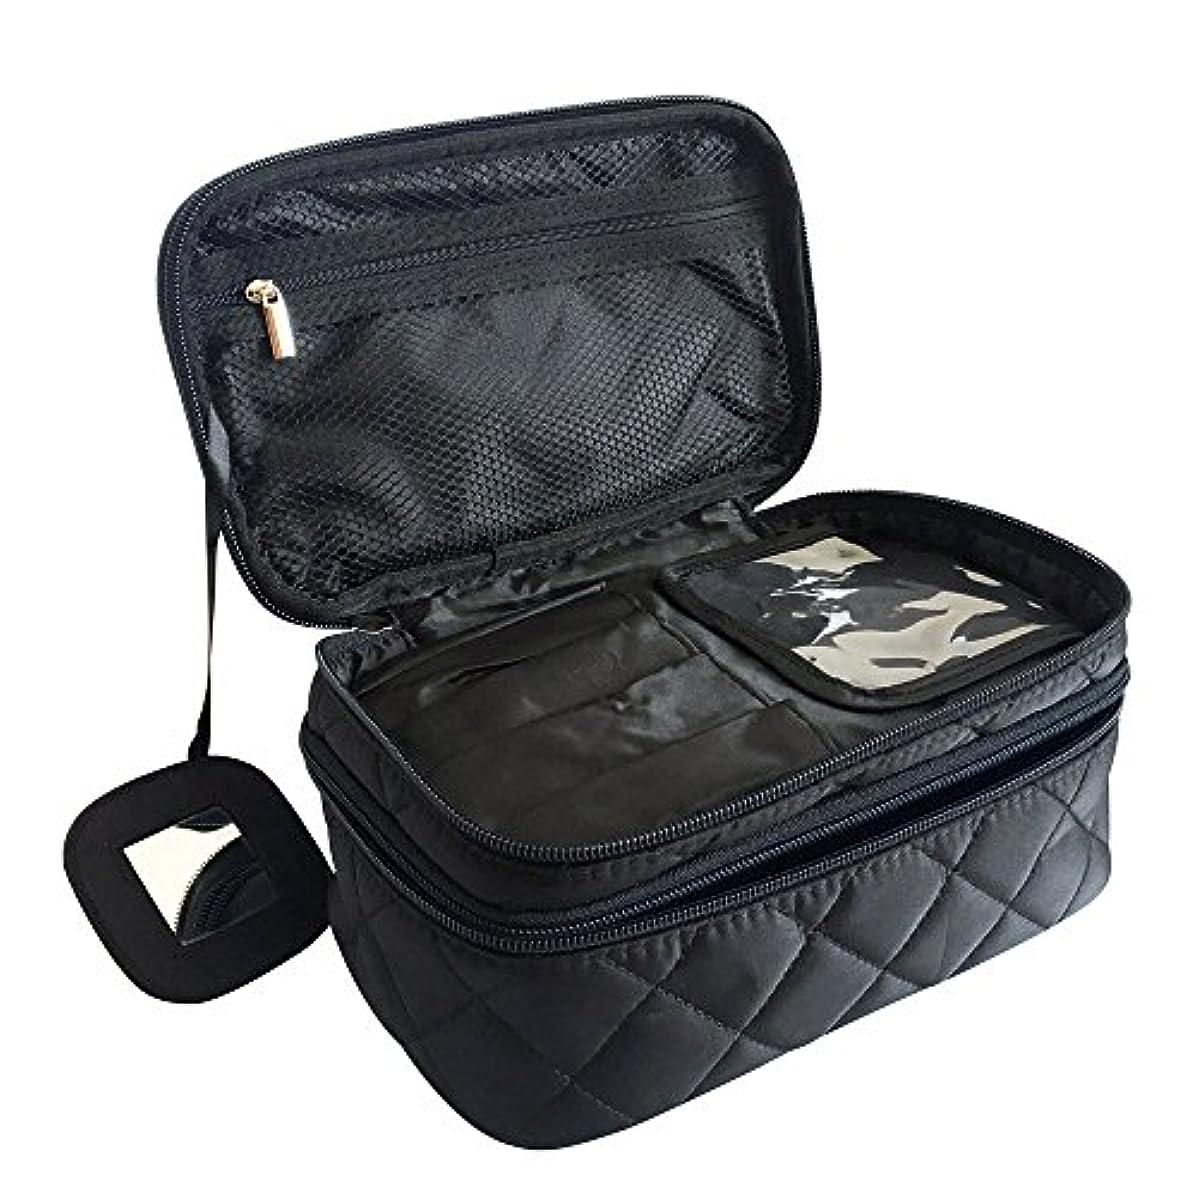 雪の太い風変わりなONEGenug プロ用 メイクボックス 高品質 多機能 多容量 メイクブラシバッグ 収納ケース スーツケース?トラベルバッグ 化粧 バッグ メイクブラシ 化粧道具 小物入れ 23cm×14cm×10cm